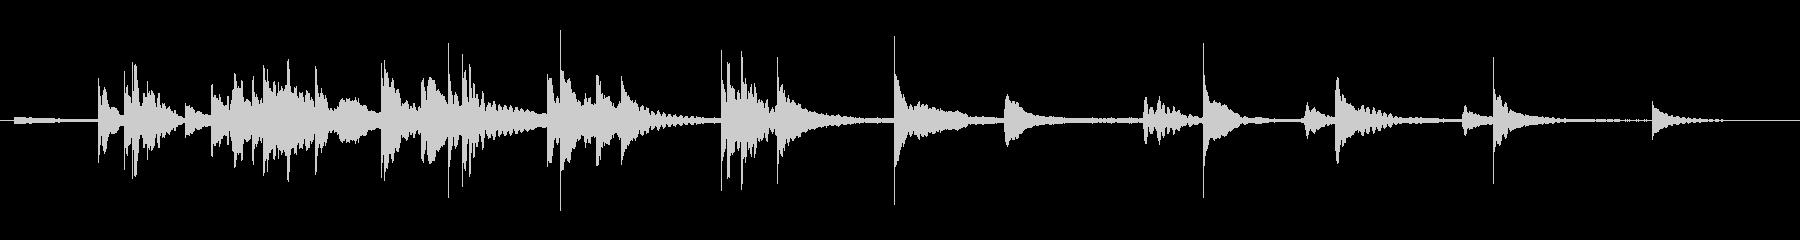 かすかに聞こえるキラキラ音の未再生の波形